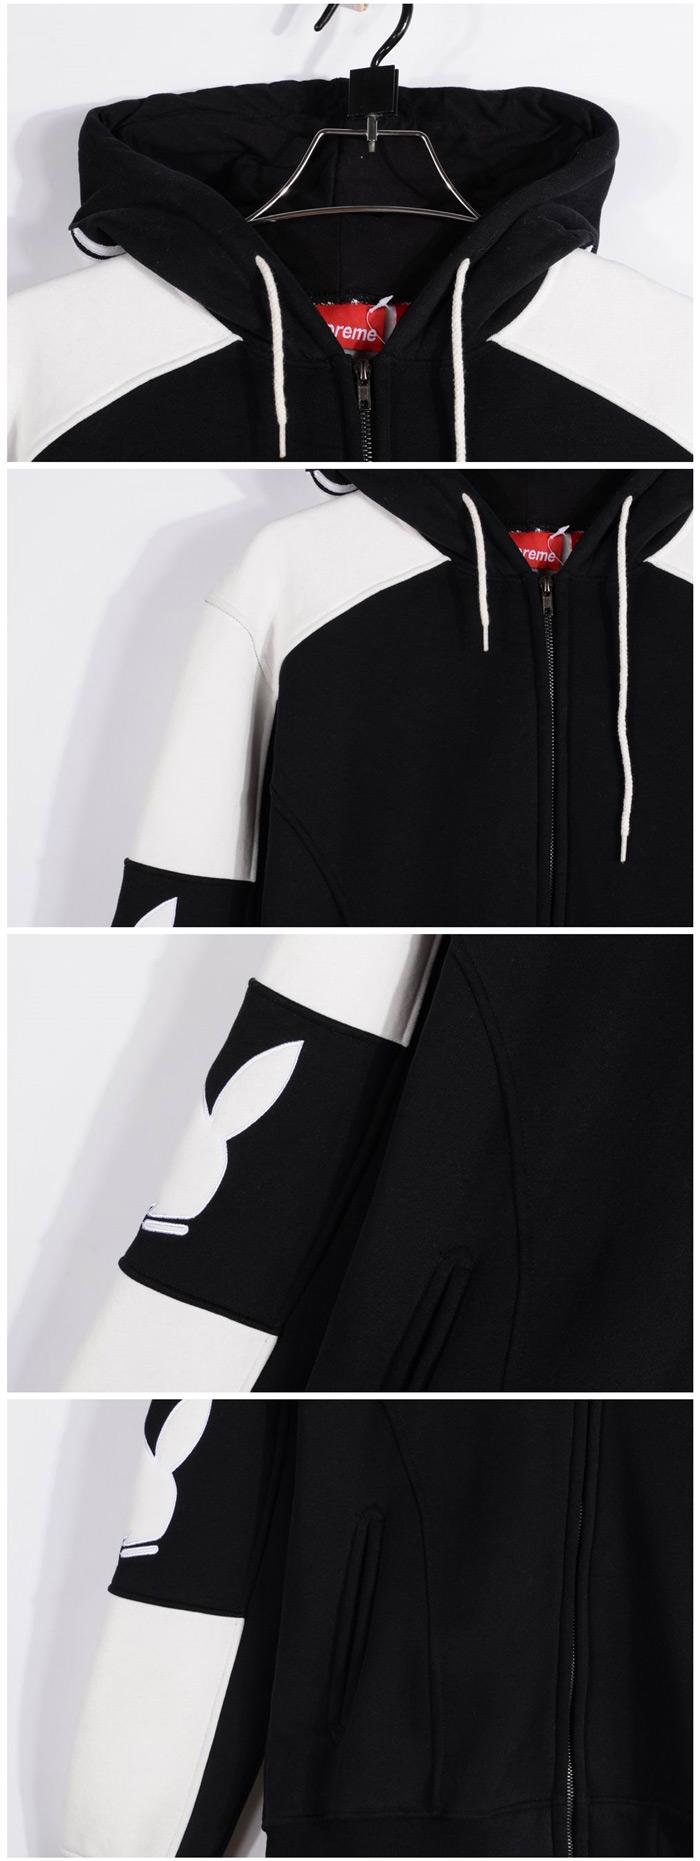 e94875a3d36412 2BRAND韓国格安メンズファッション服は9monthの【シュプリーム S*PREME】 通販 服 メンズ 男性 ファッション 通販 メンズ ブランド  服 通勤 ファッション AJU0268